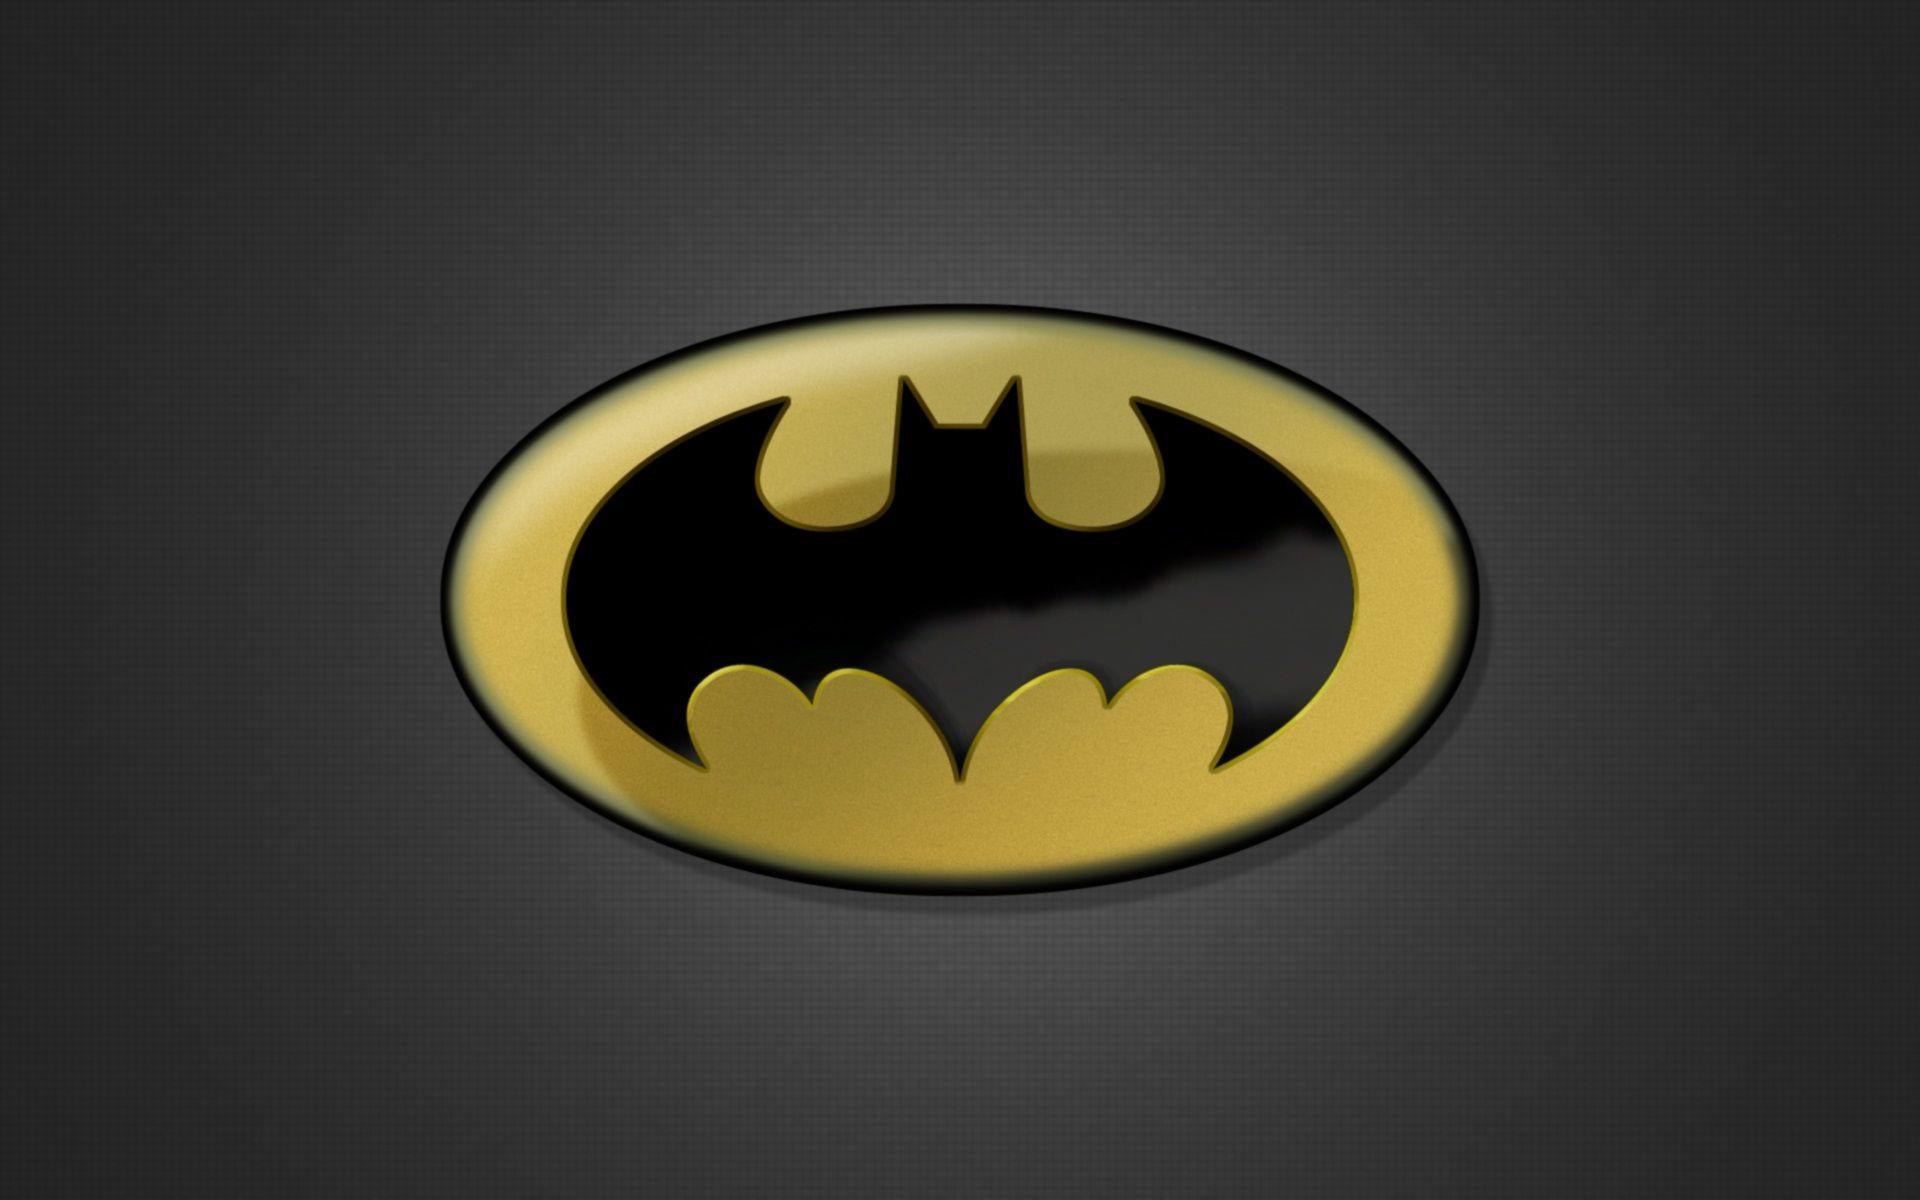 2560x1600 Batman V Superman Logo Exclusive HD Wallpapers 6799